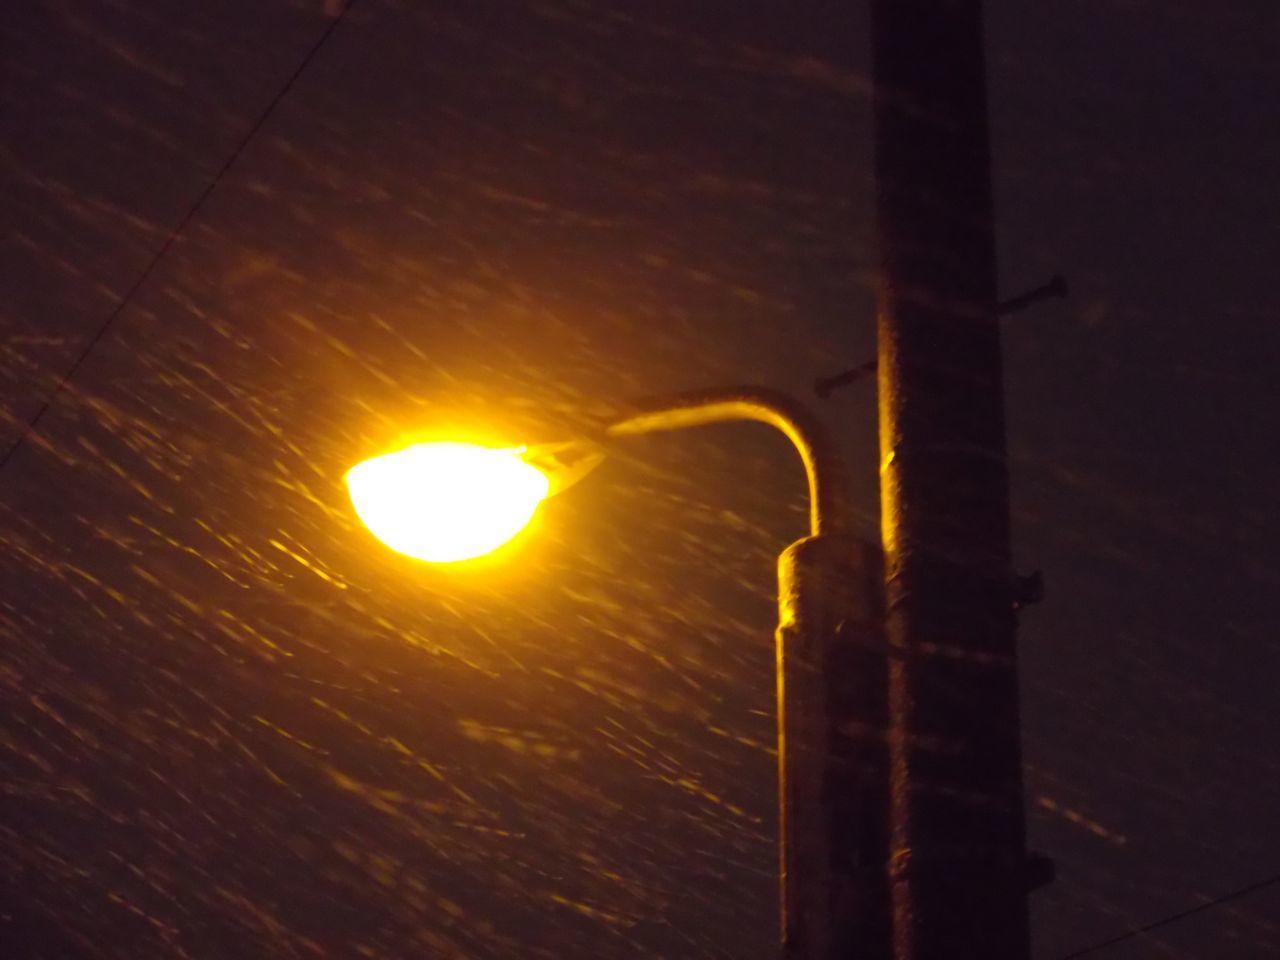 真冬日に吹雪が追加された_c0025115_22273268.jpg